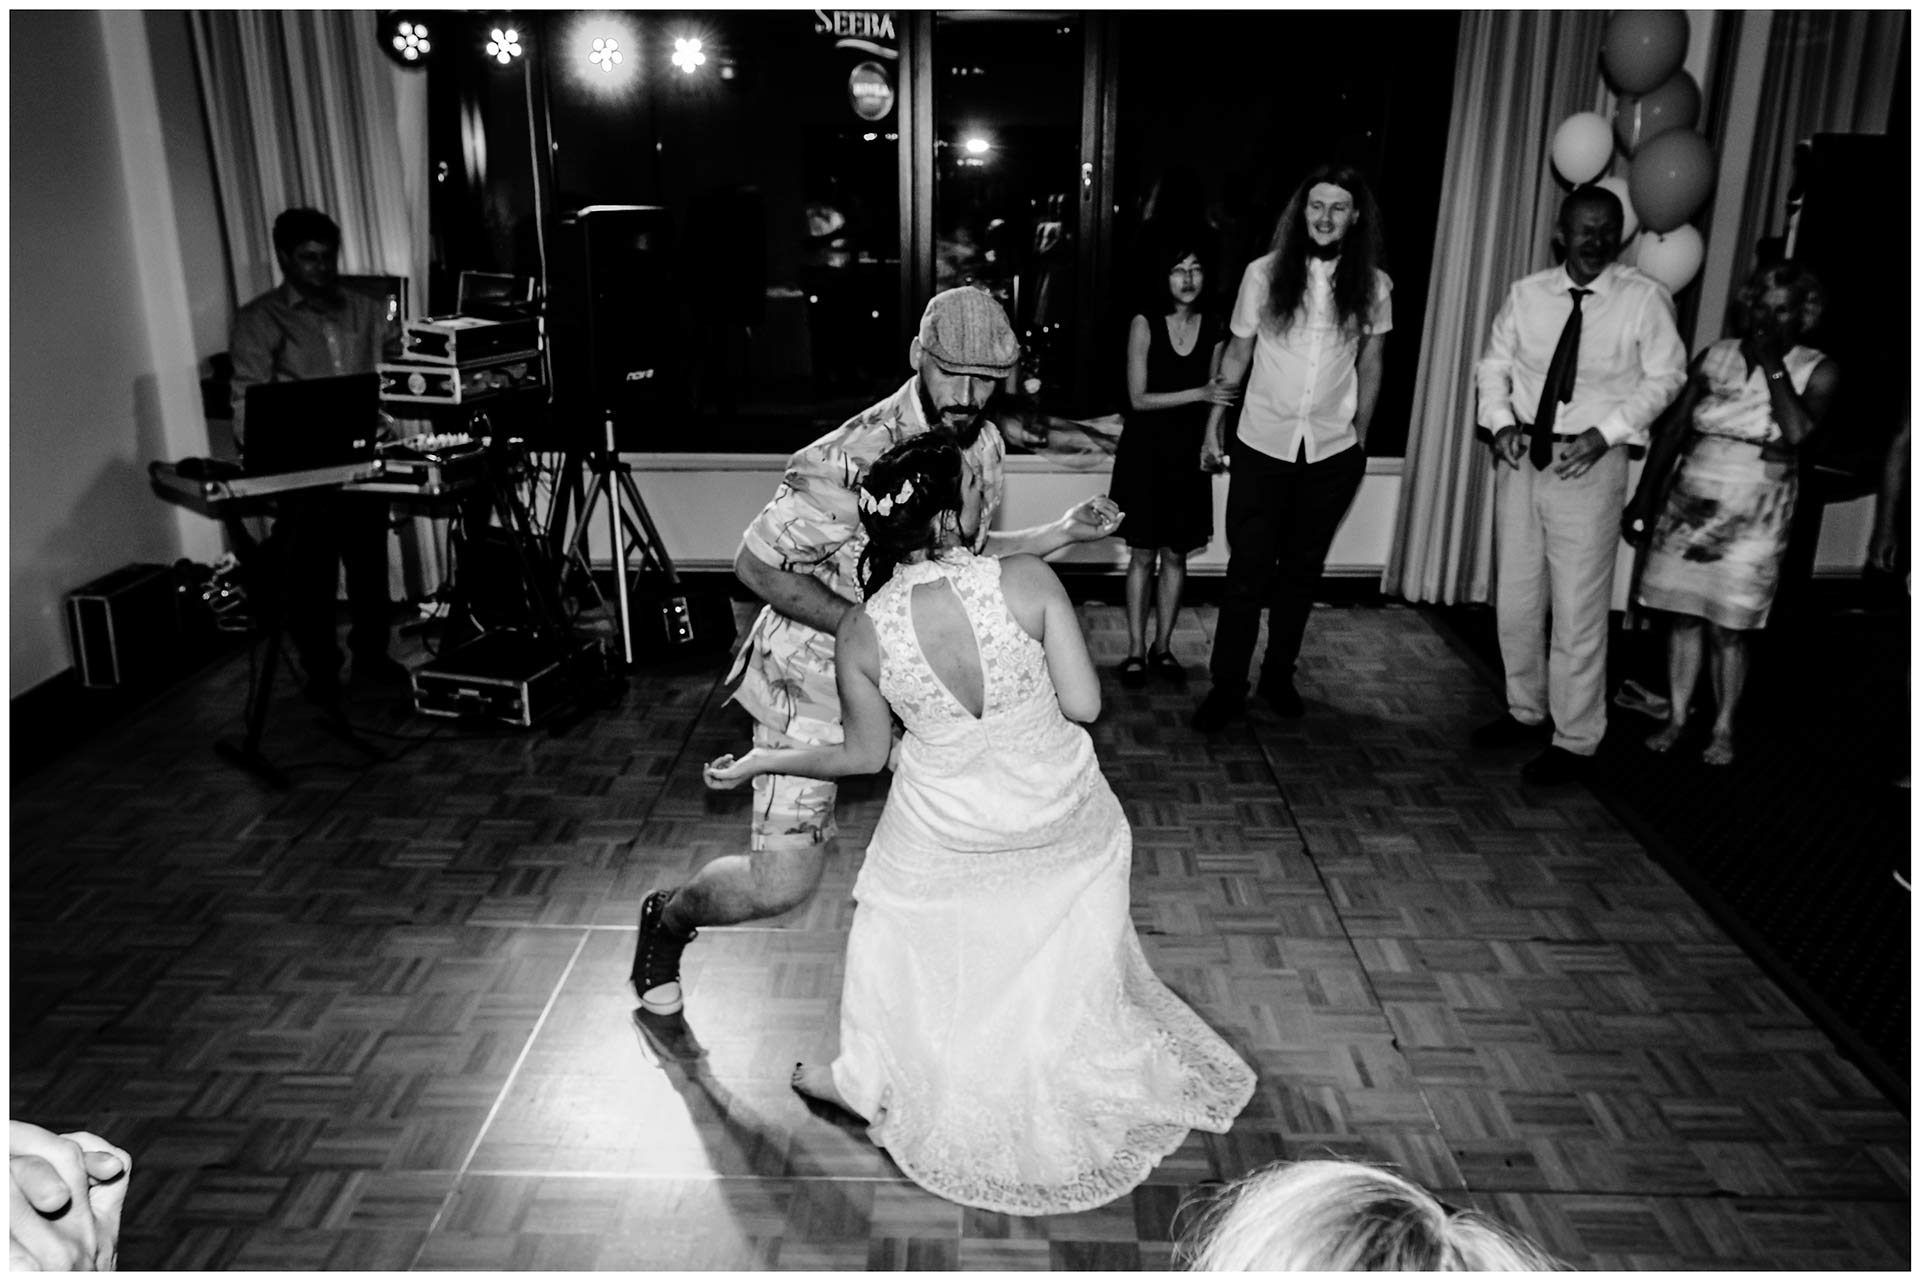 Braut-und-ihr-Bruder-tanzen-zu-Rockmusik-Hochzeit-im-Hotel-Neptun-Hochzeitsfotograf-Warnemuende-Hochzeitsfotograf-Rostock-Hochzeitsfotograf-Ostseebad-Warnemuende